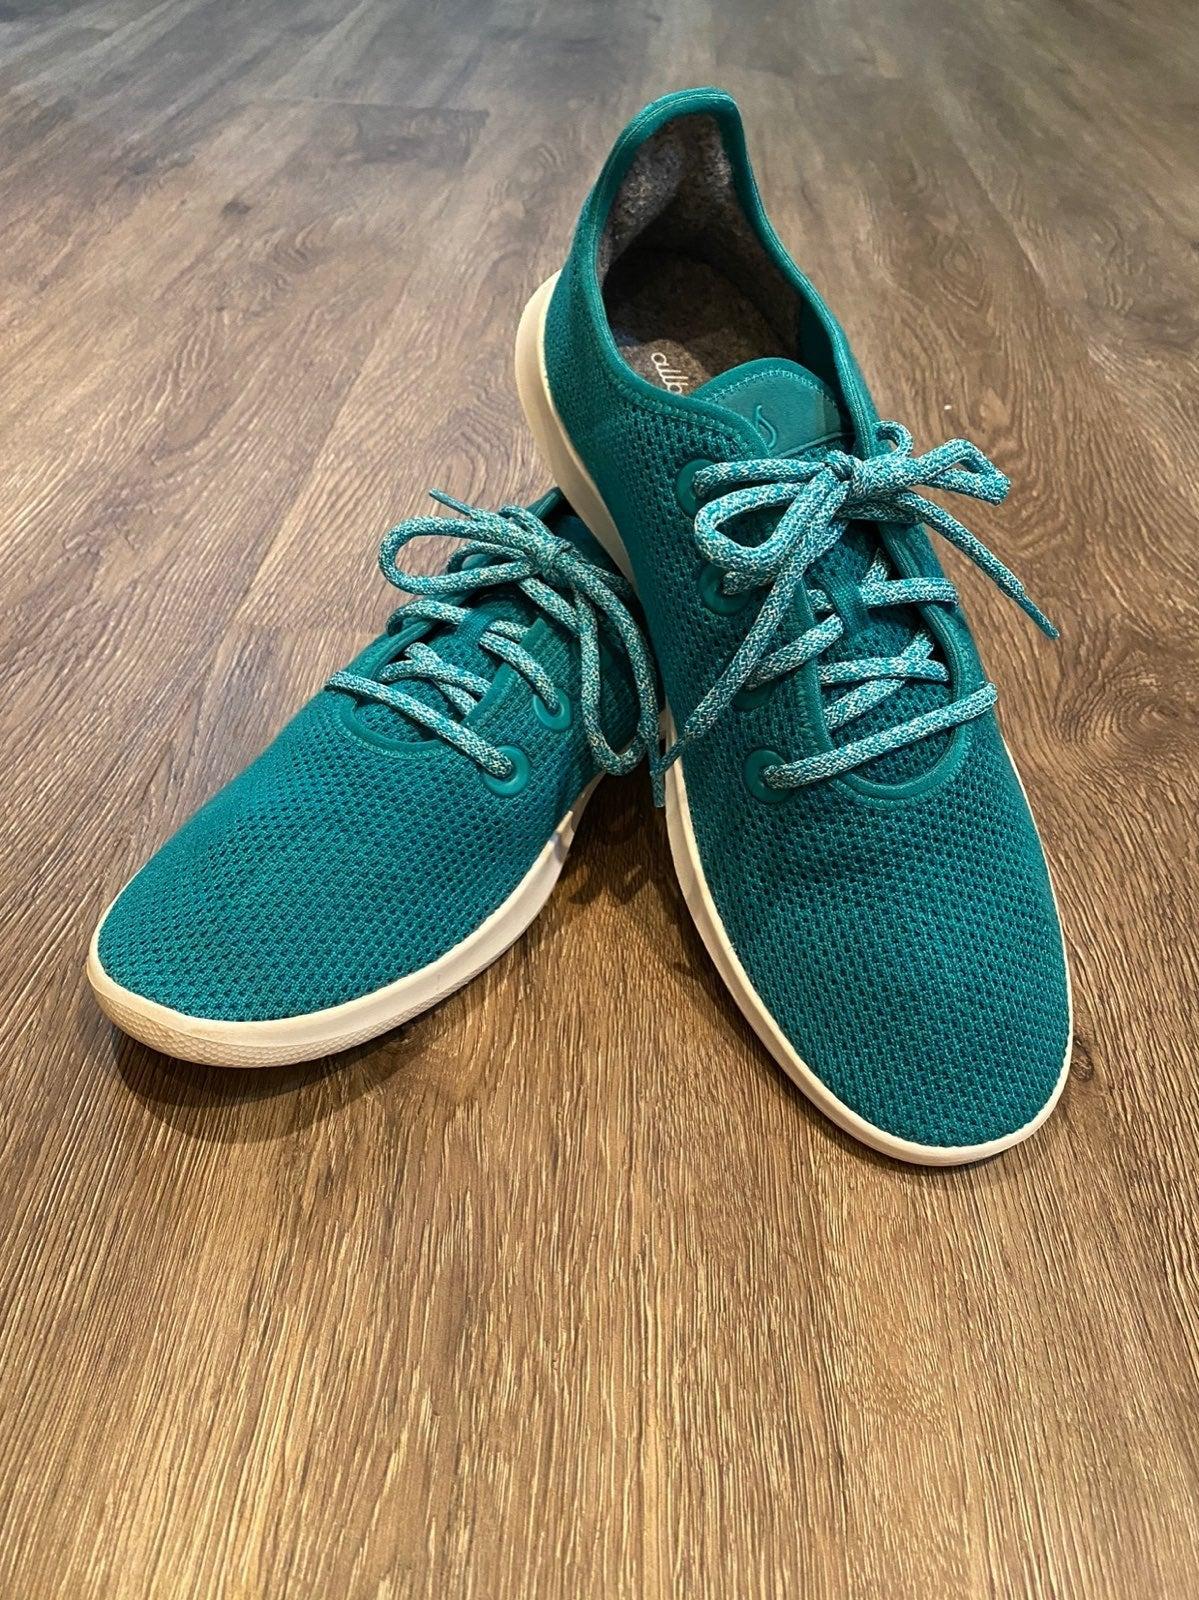 Allbirds Shoes Men's size 12